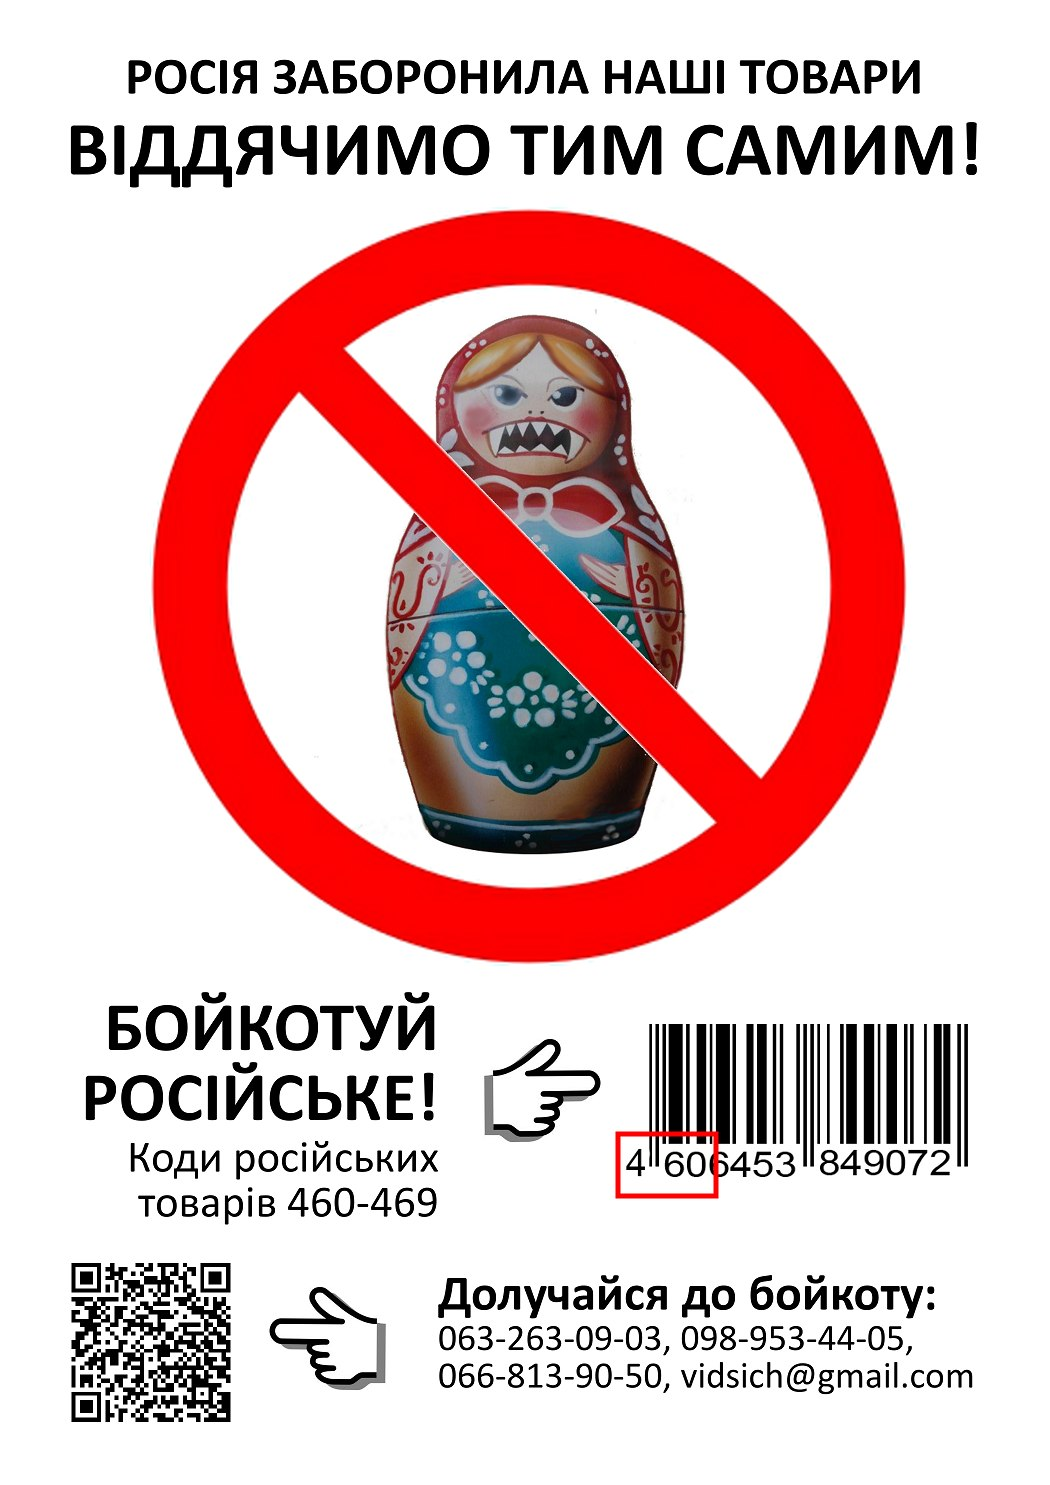 У Азарова ничего не слышали о торговой войне с Россией - Цензор.НЕТ 6753